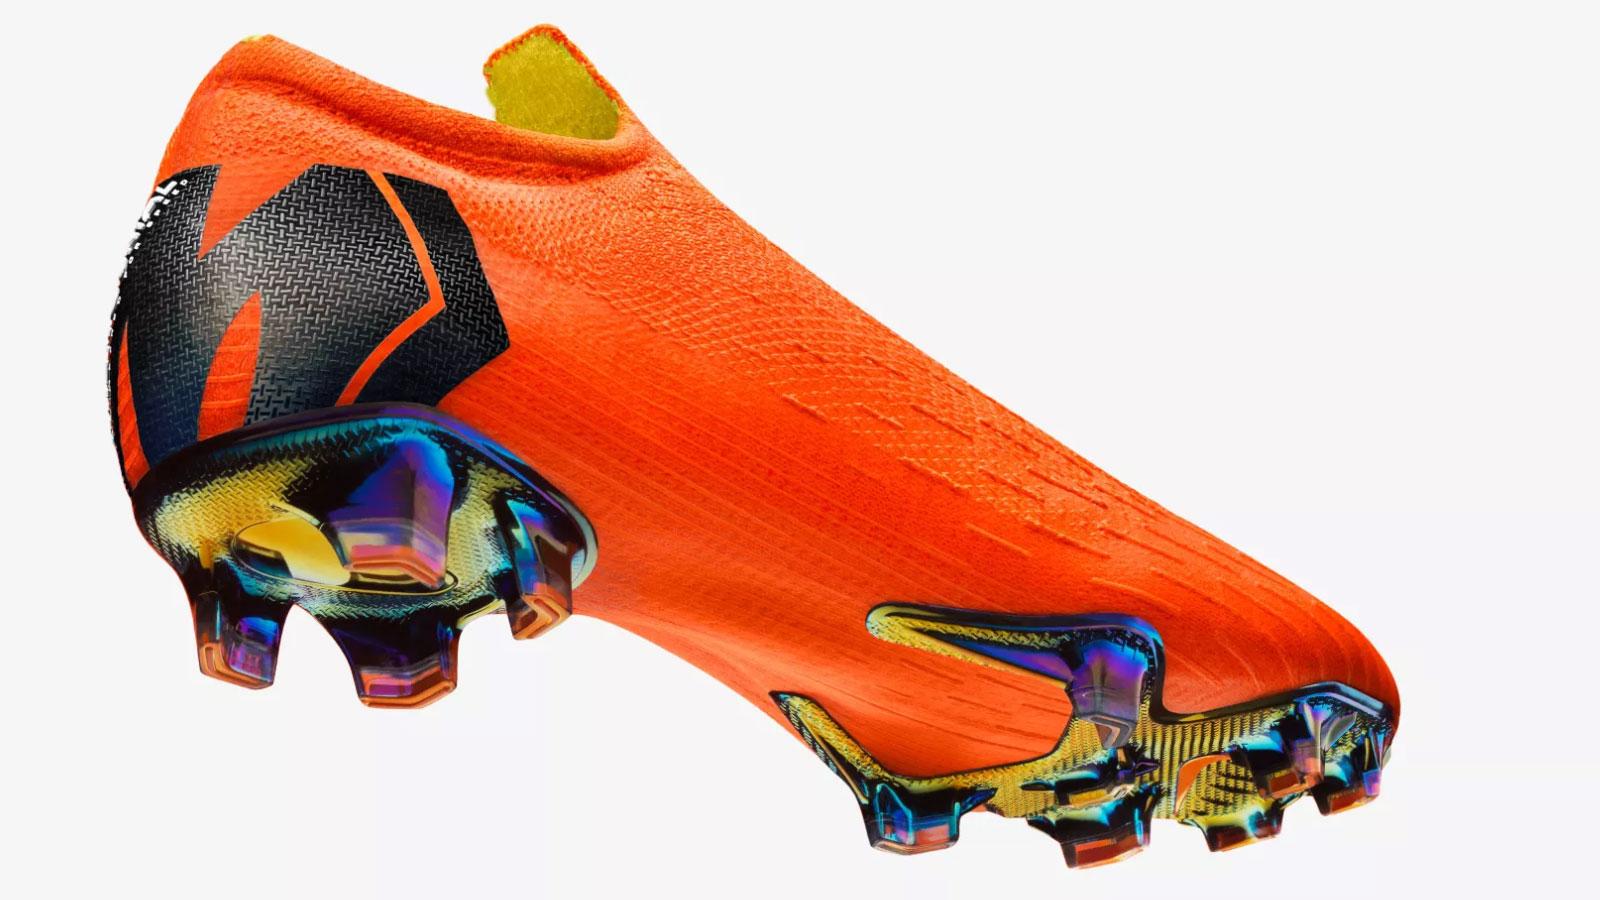 Nike Mercurial 360 Fit im Superfly und Vapor